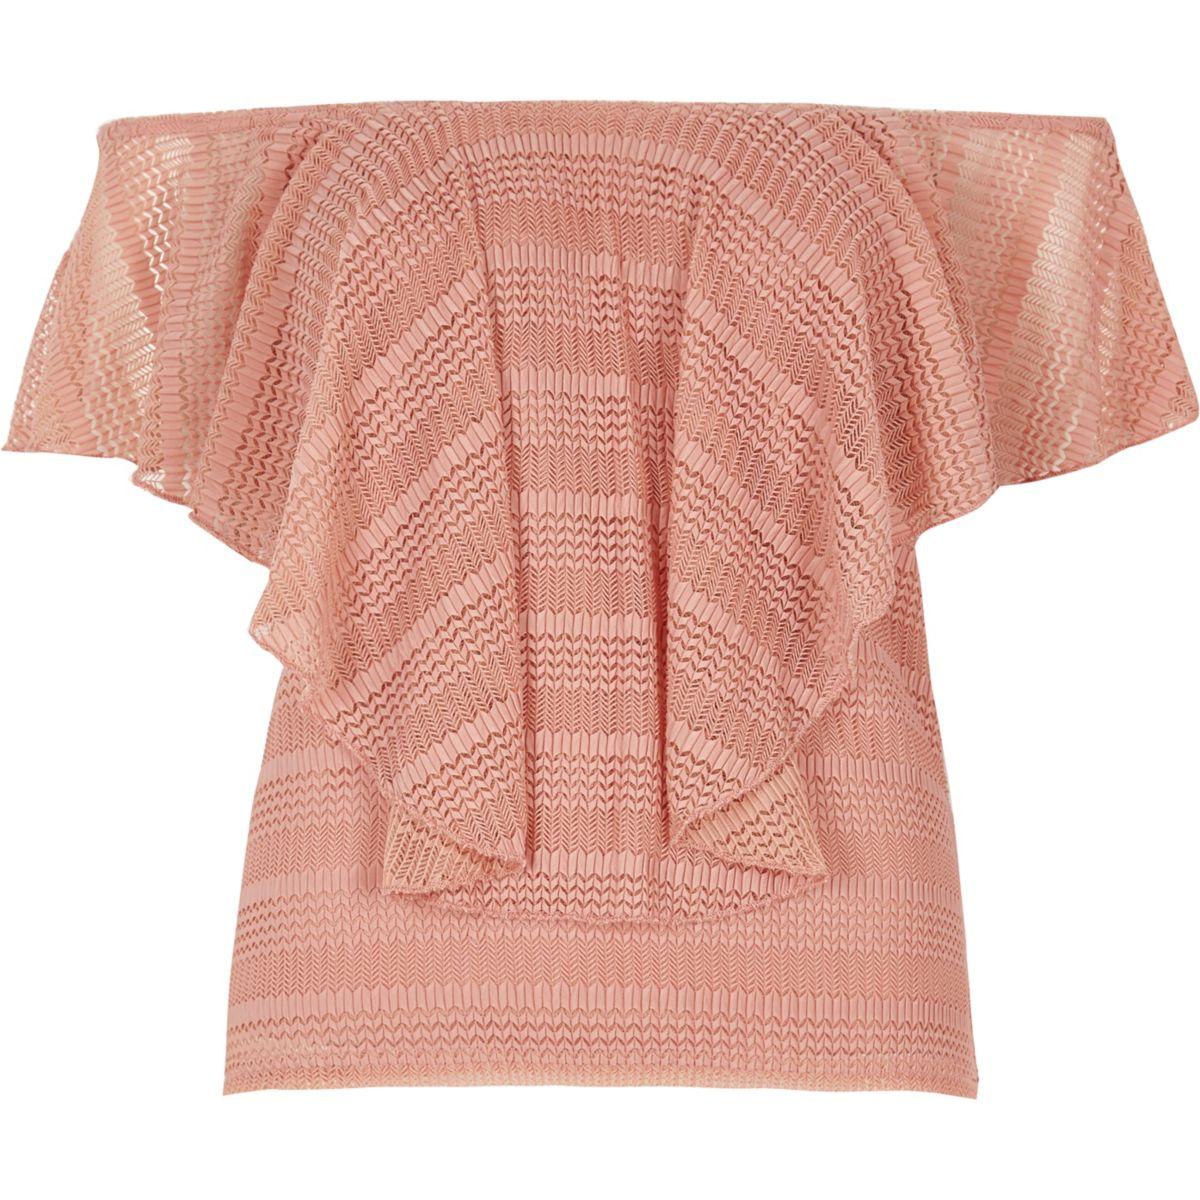 Pinkes Bardot-Oberteil mit Mesh-Einsatz